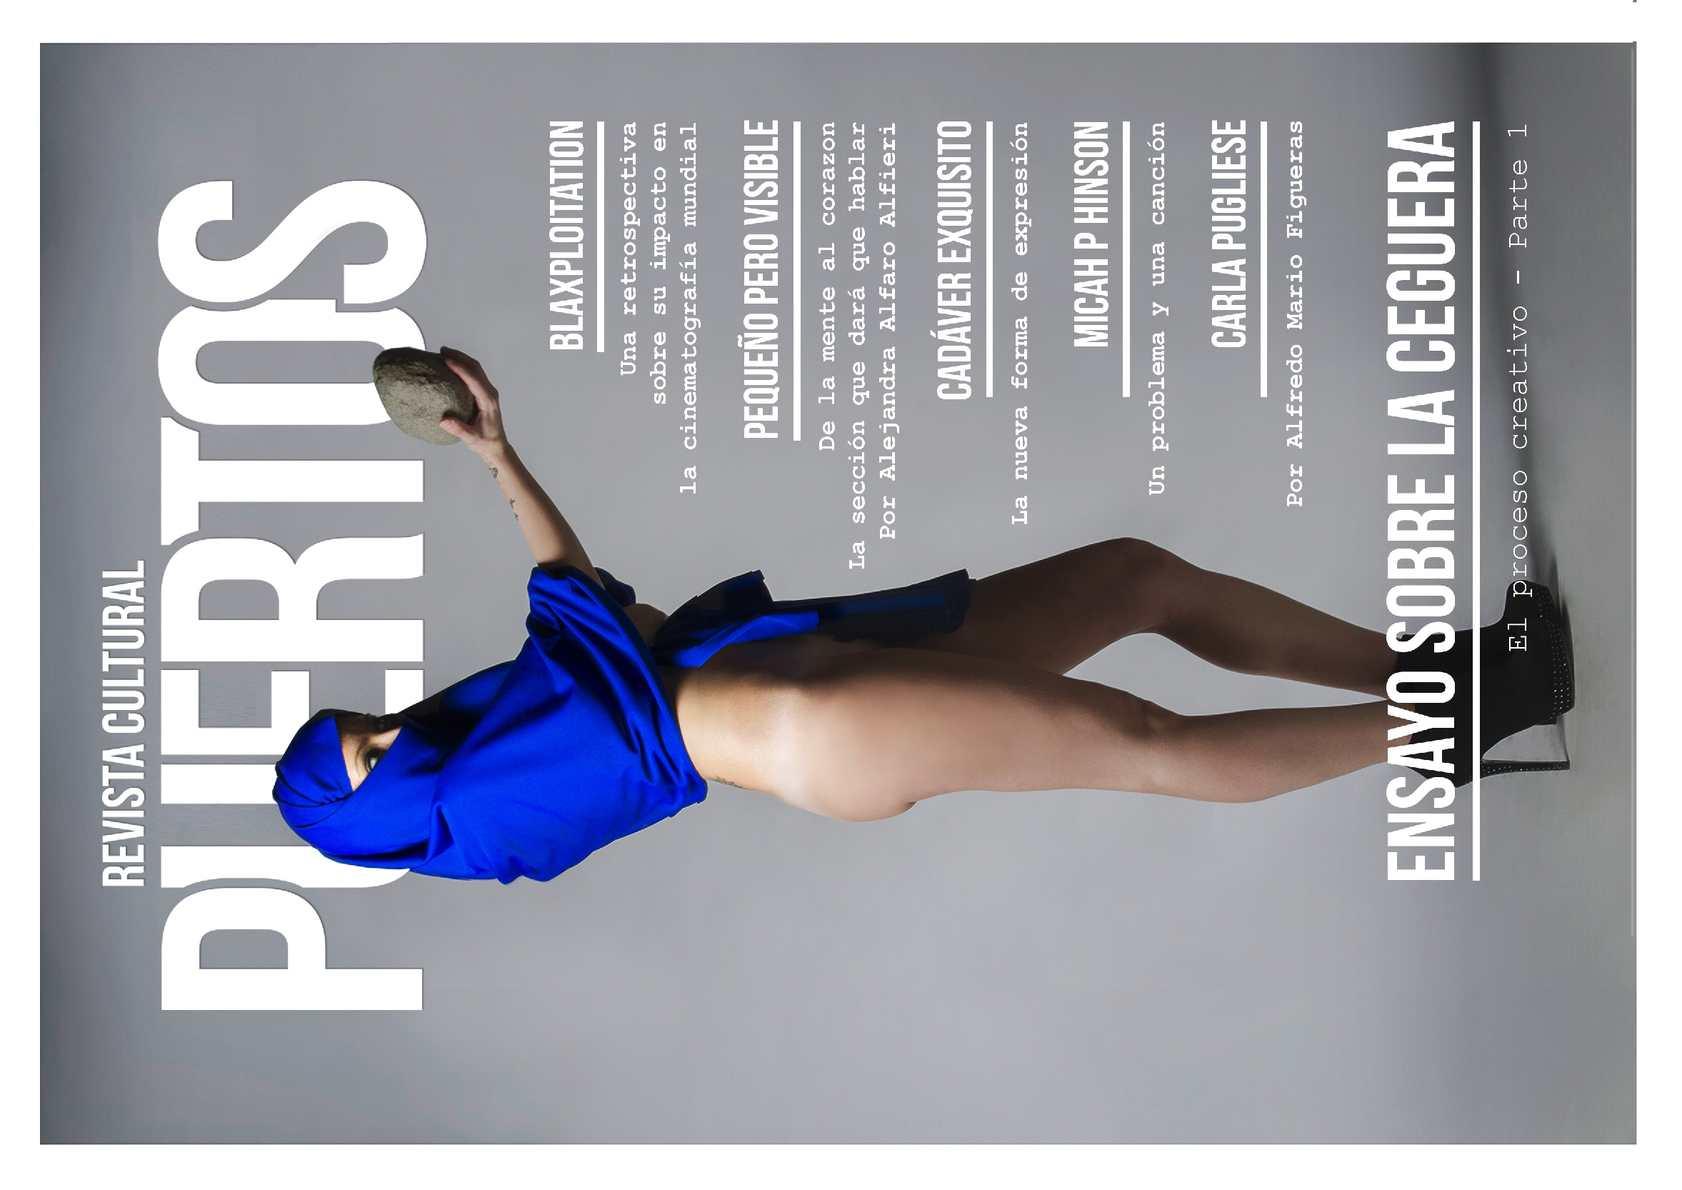 premium selection 6fae1 9261b Calaméo - Revista Cultural Puertos